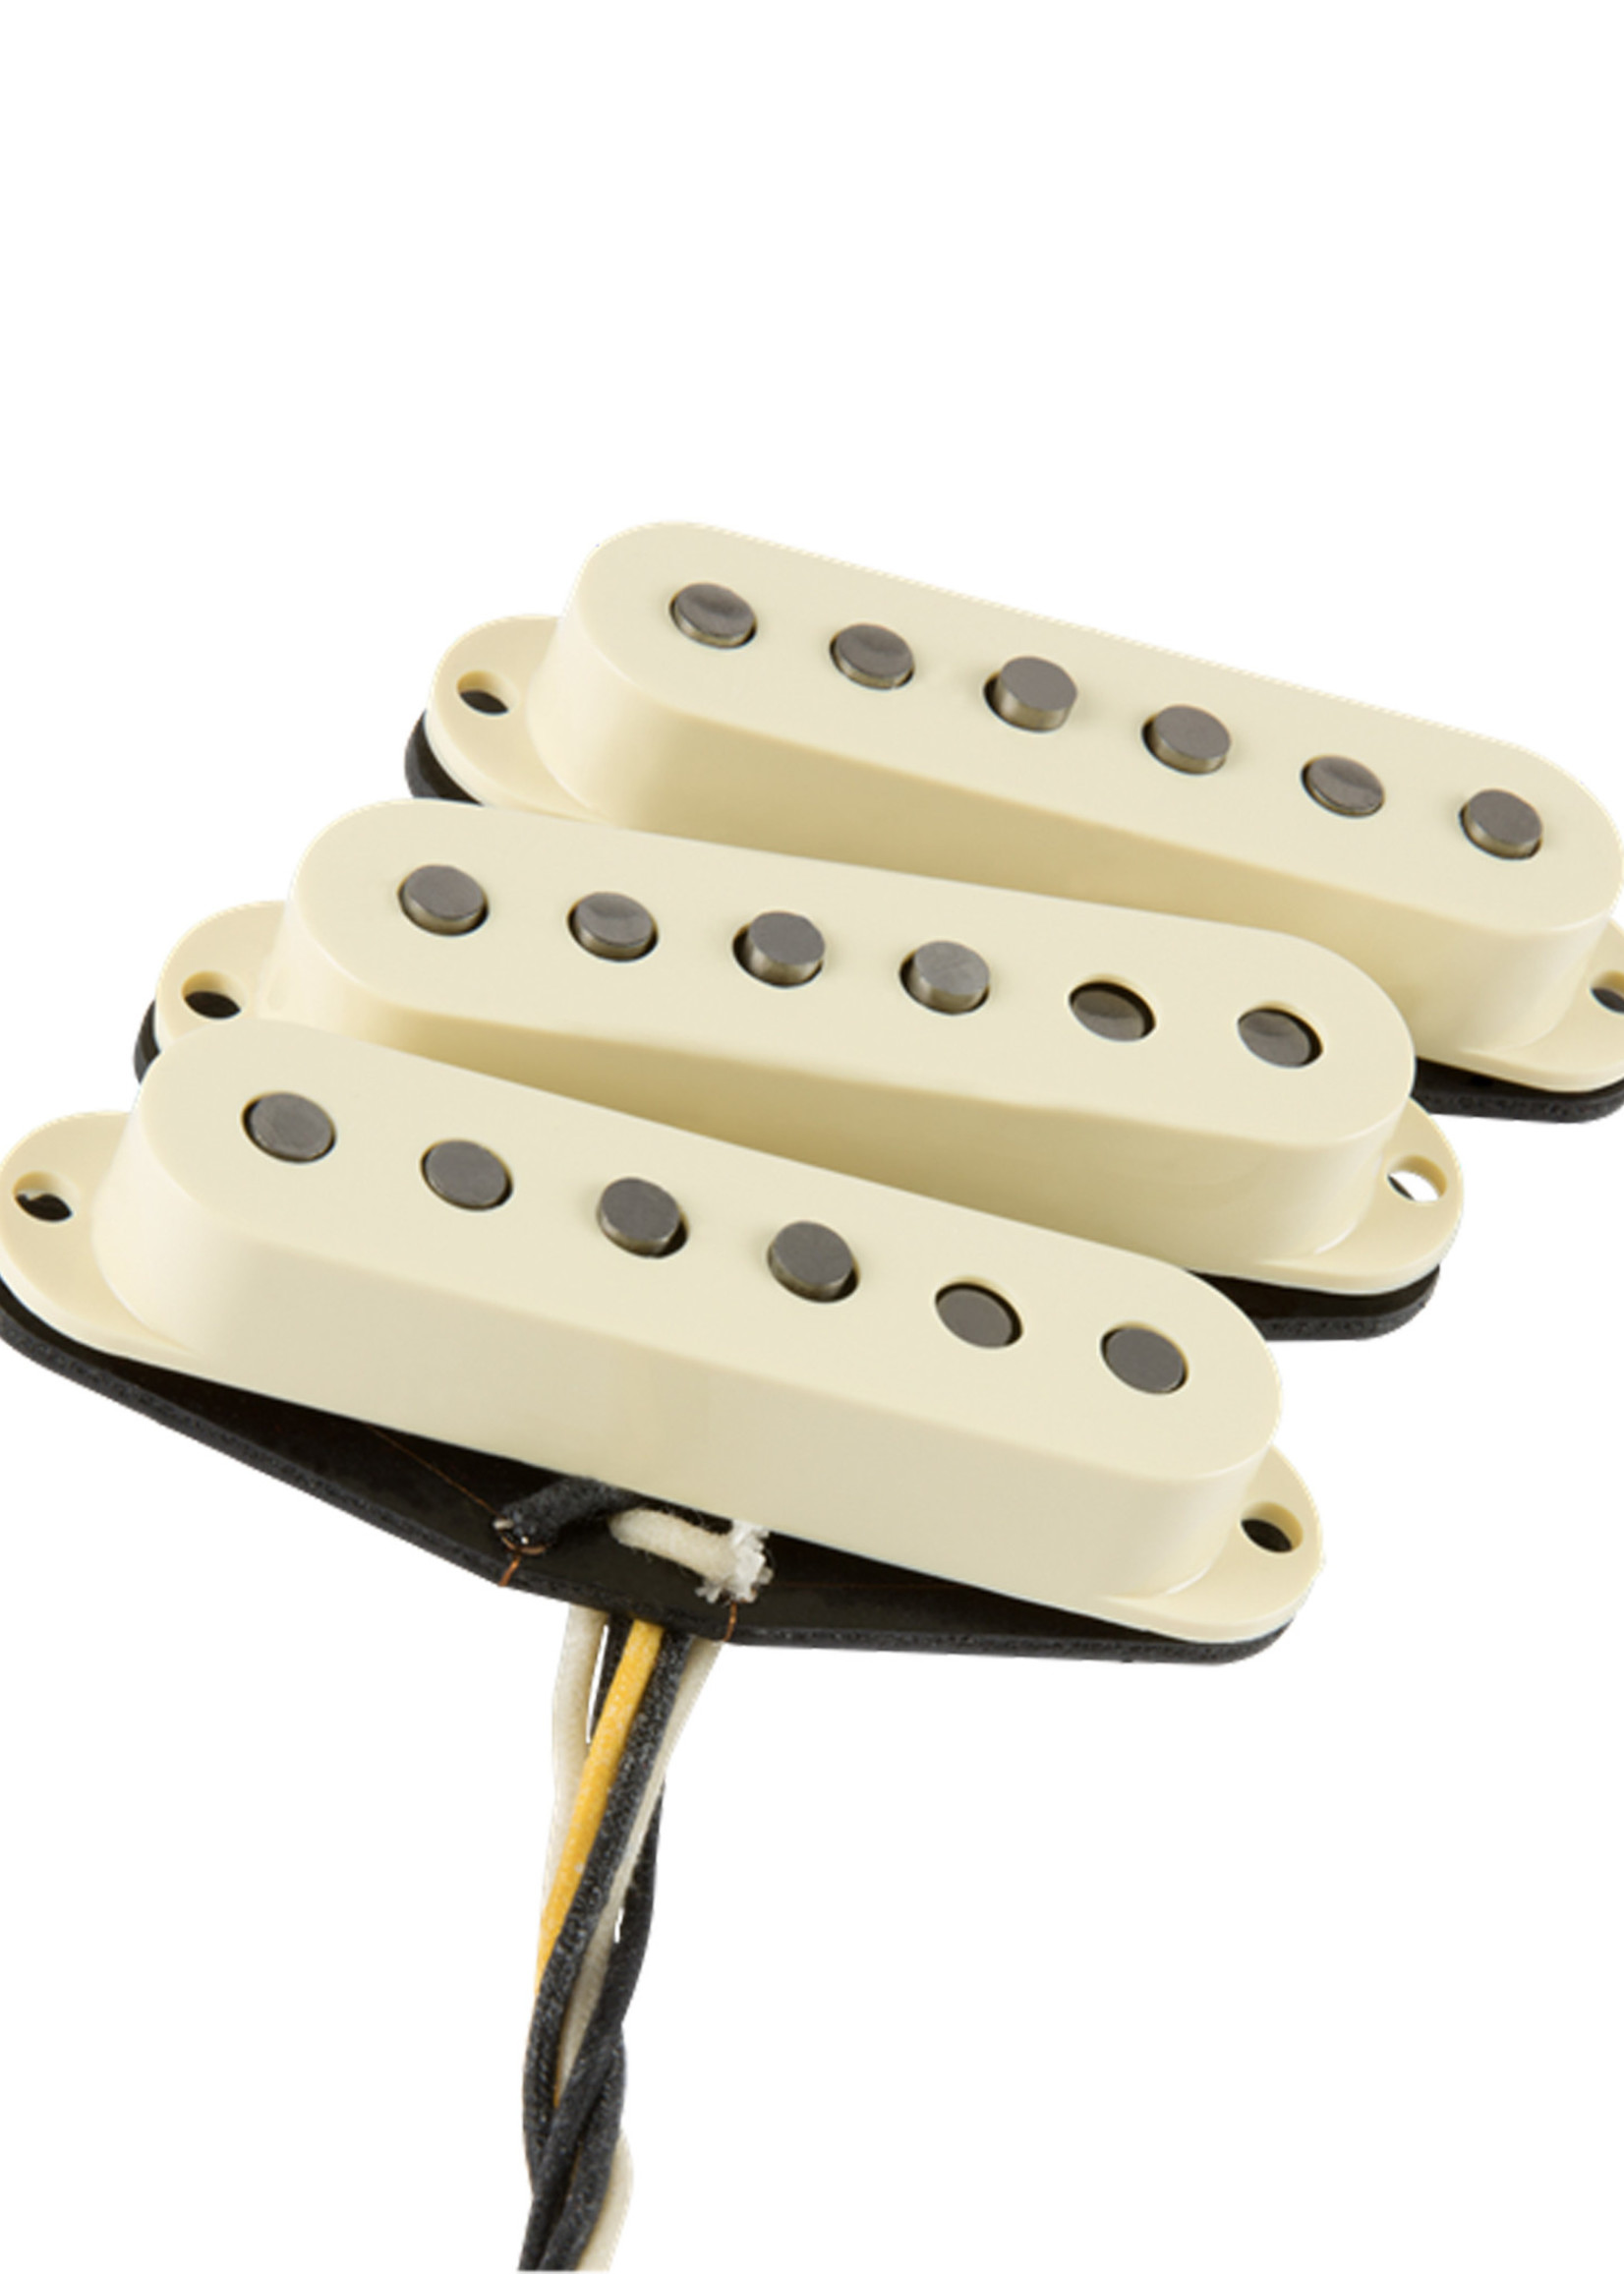 Fender Fender Eric Johnson Signature Stratocaster Pickup Set